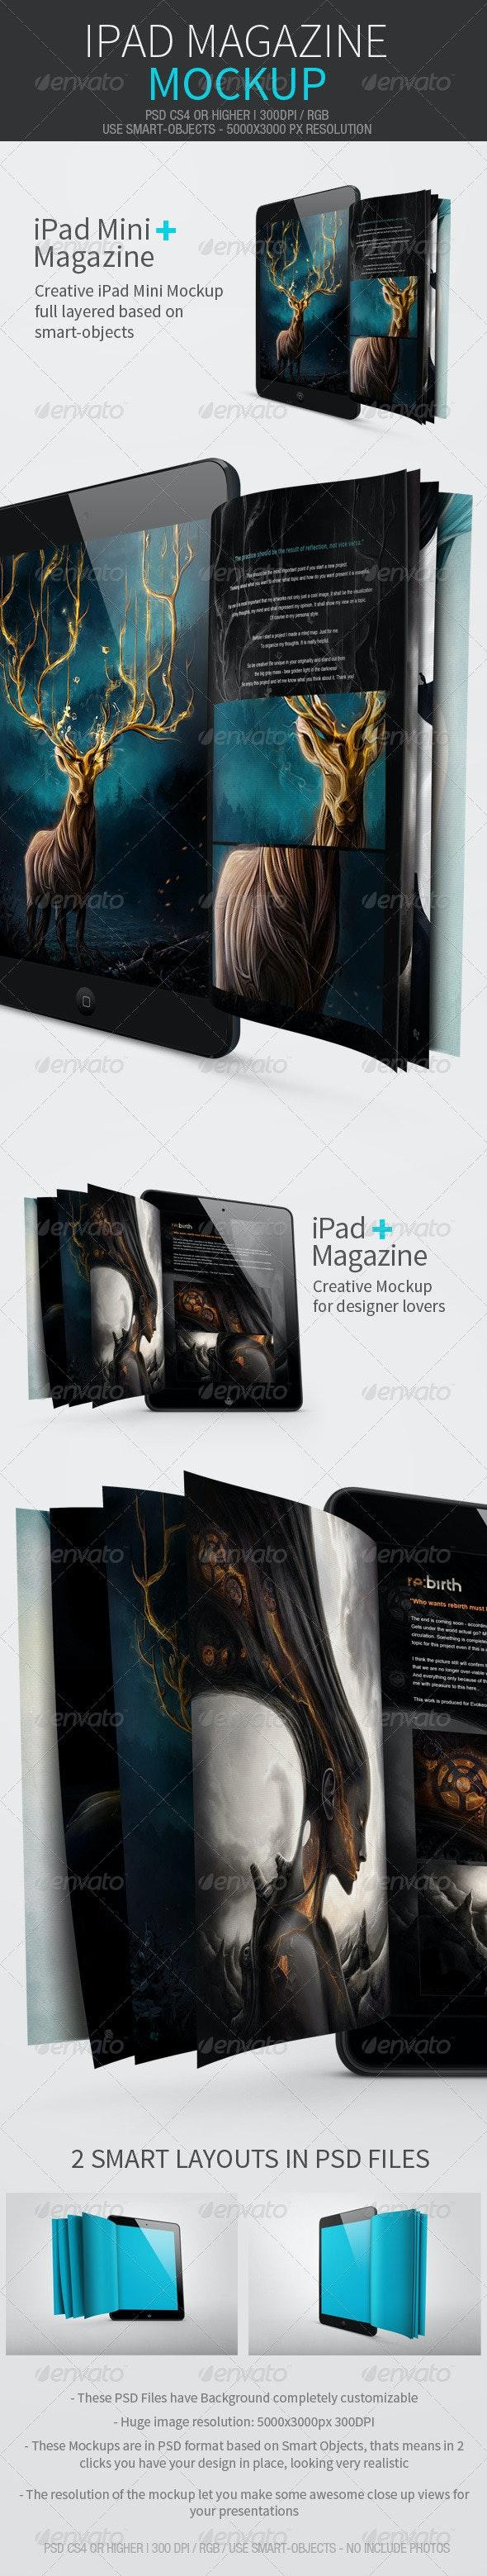 iPad Magazine Mockup - Magazines Print